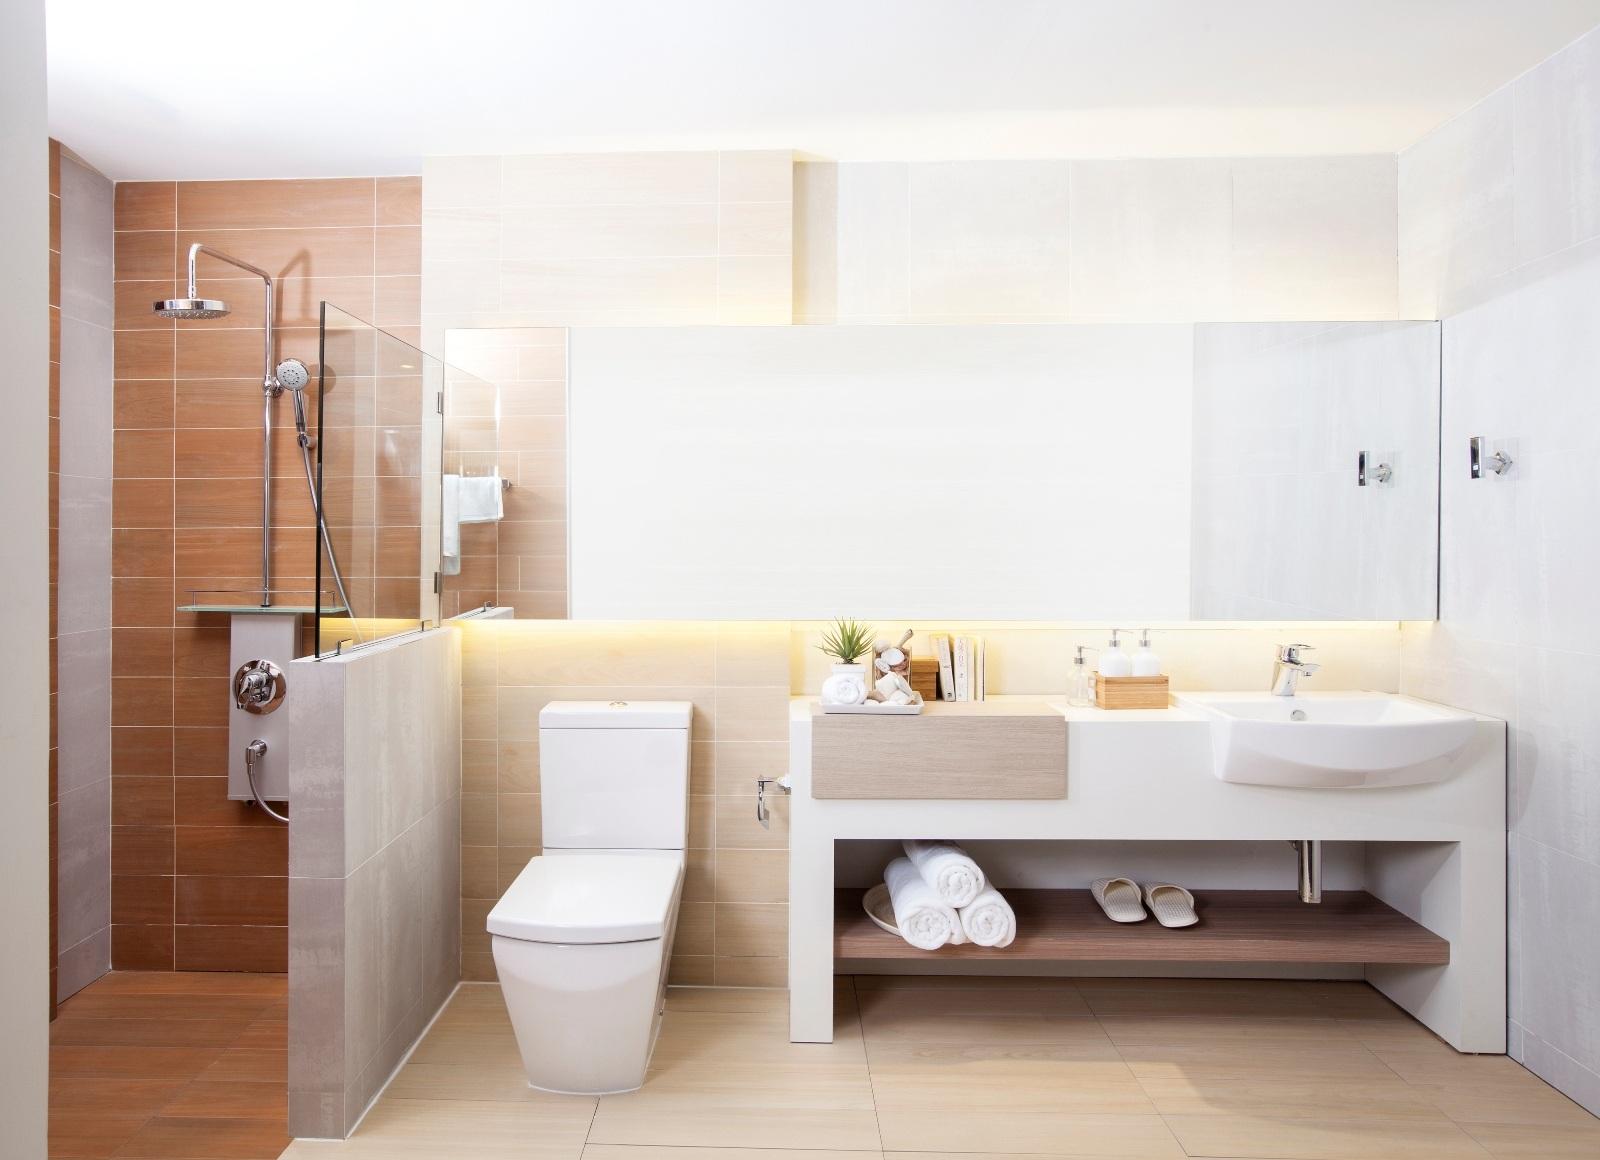 Phòng tắm mang phong cách lãng mạn, khơi gợi xúc cảm lại đặc biệt dành riêng cho các đôi mới cưới.